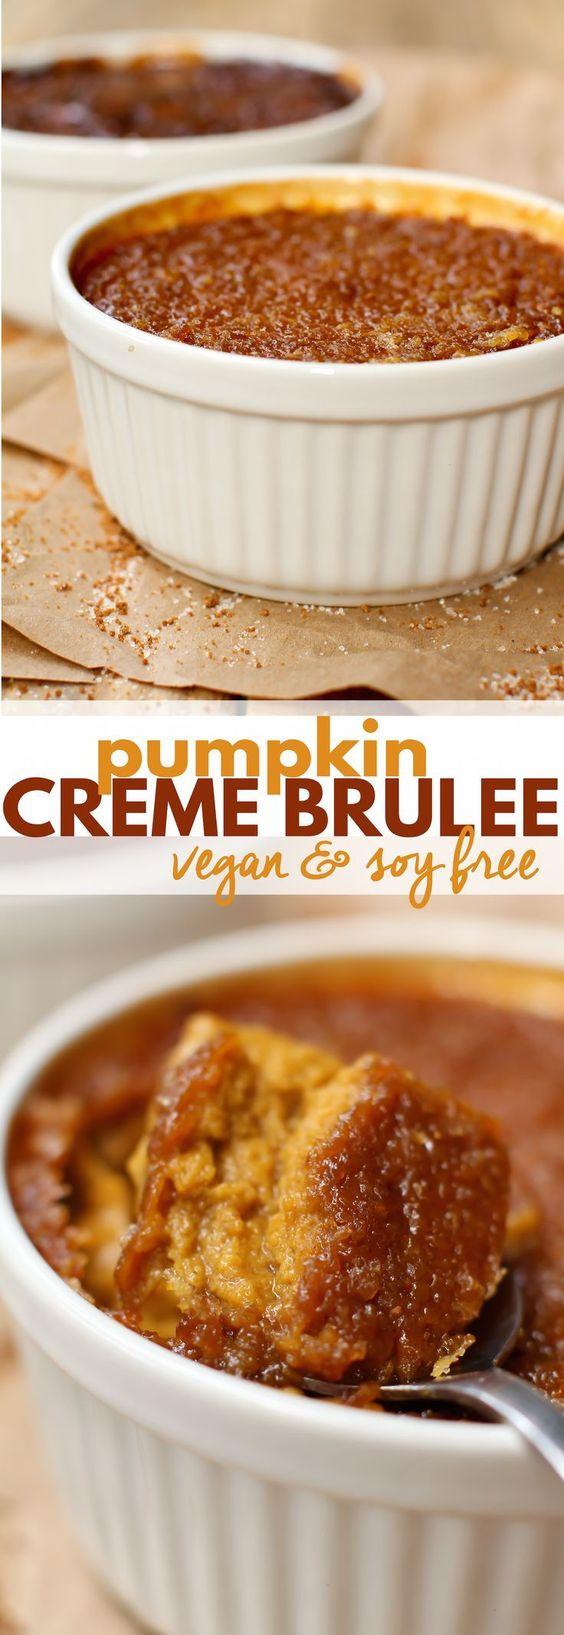 pumpkin creme brulee vegans pumpkins canned pumpkin creme brulee ...